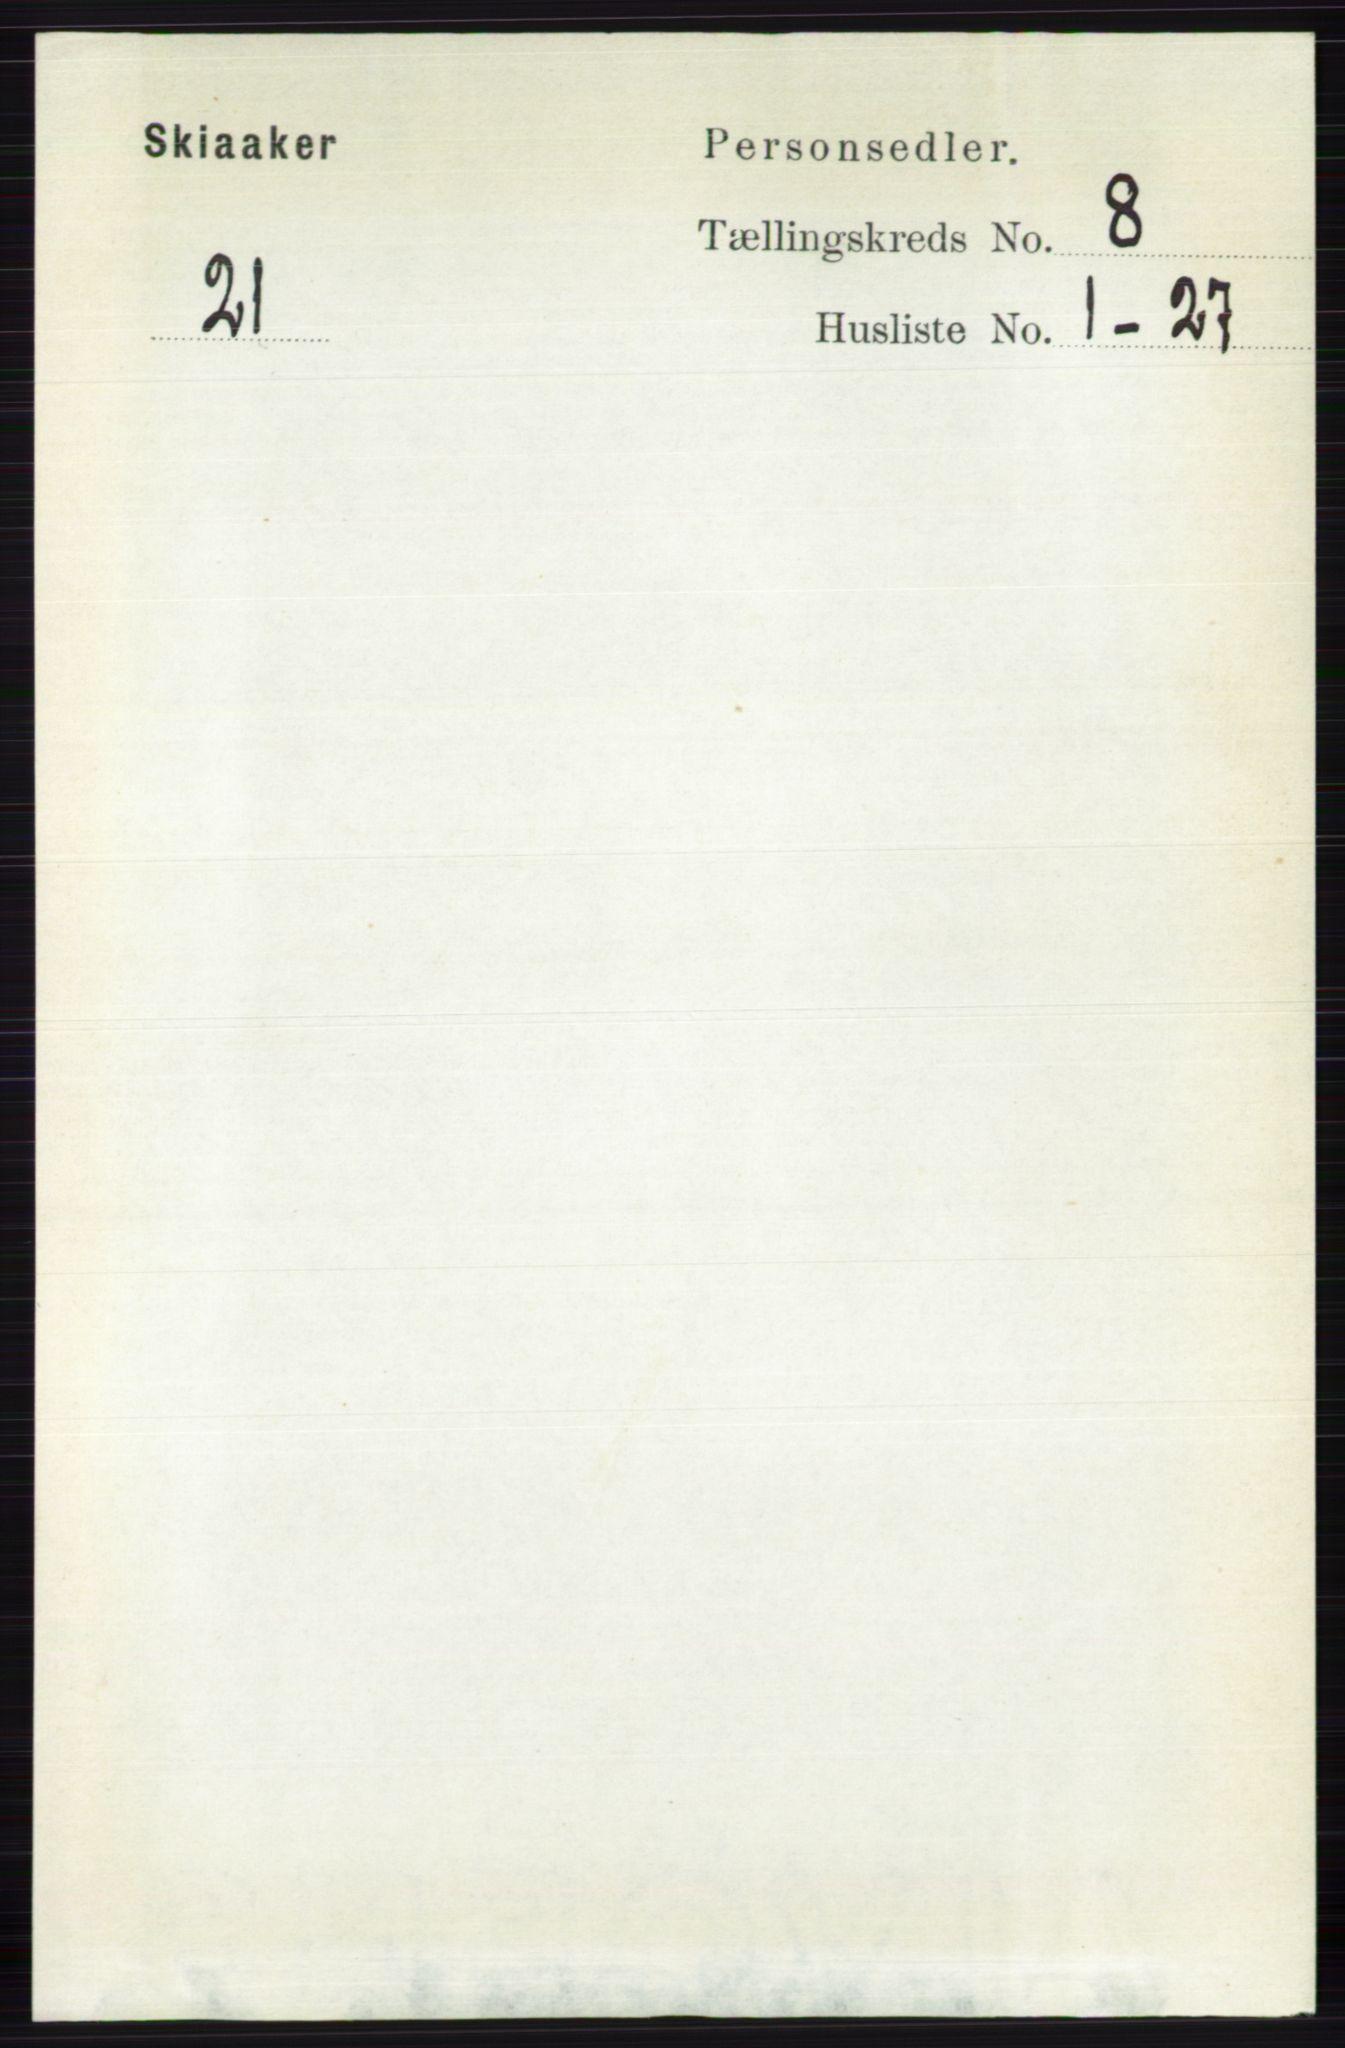 RA, Folketelling 1891 for 0513 Skjåk herred, 1891, s. 2631